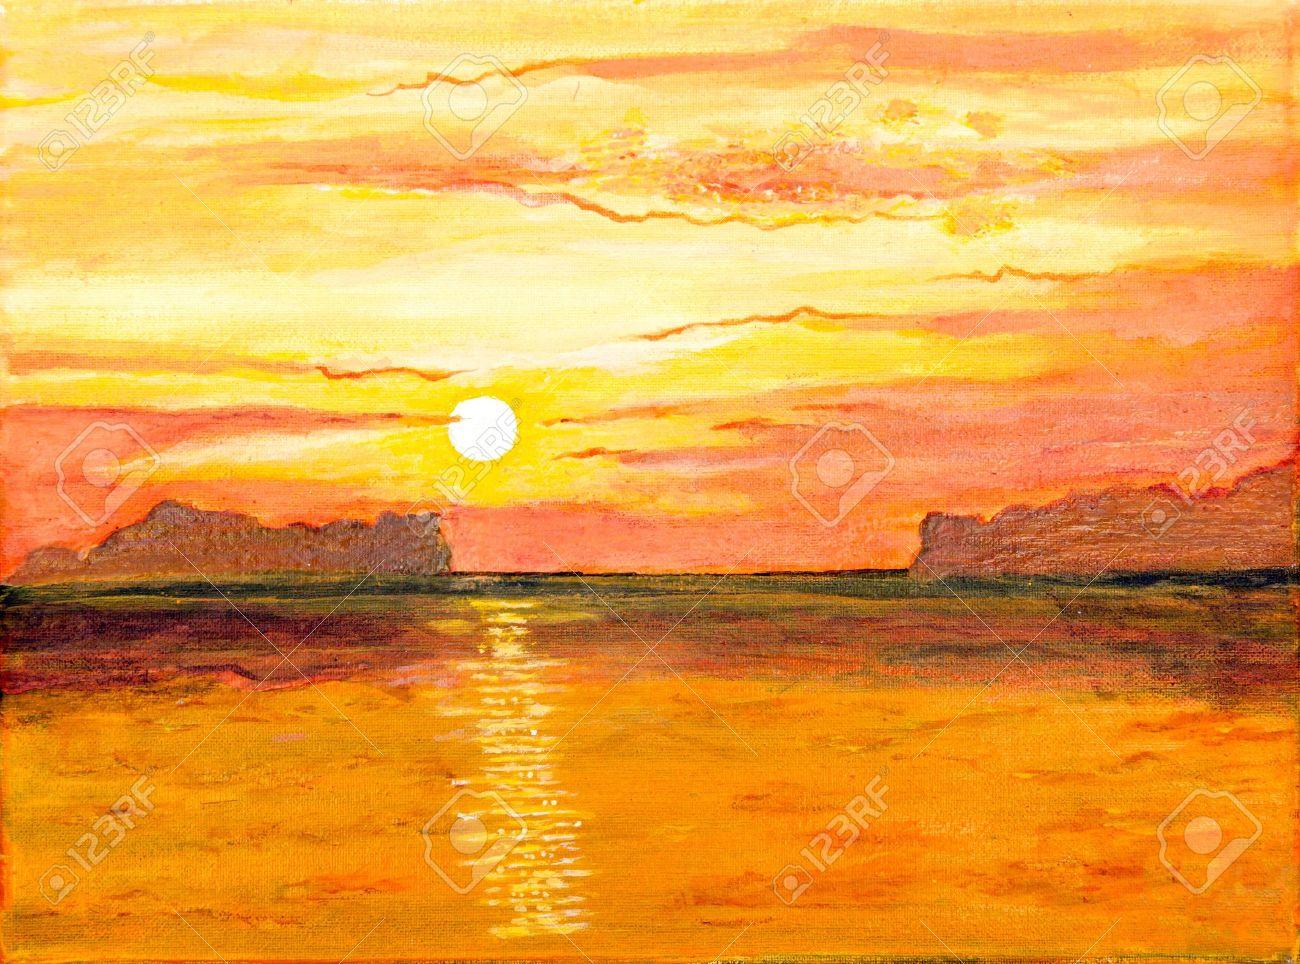 Sunrise on the sea of oil painting - 13706259